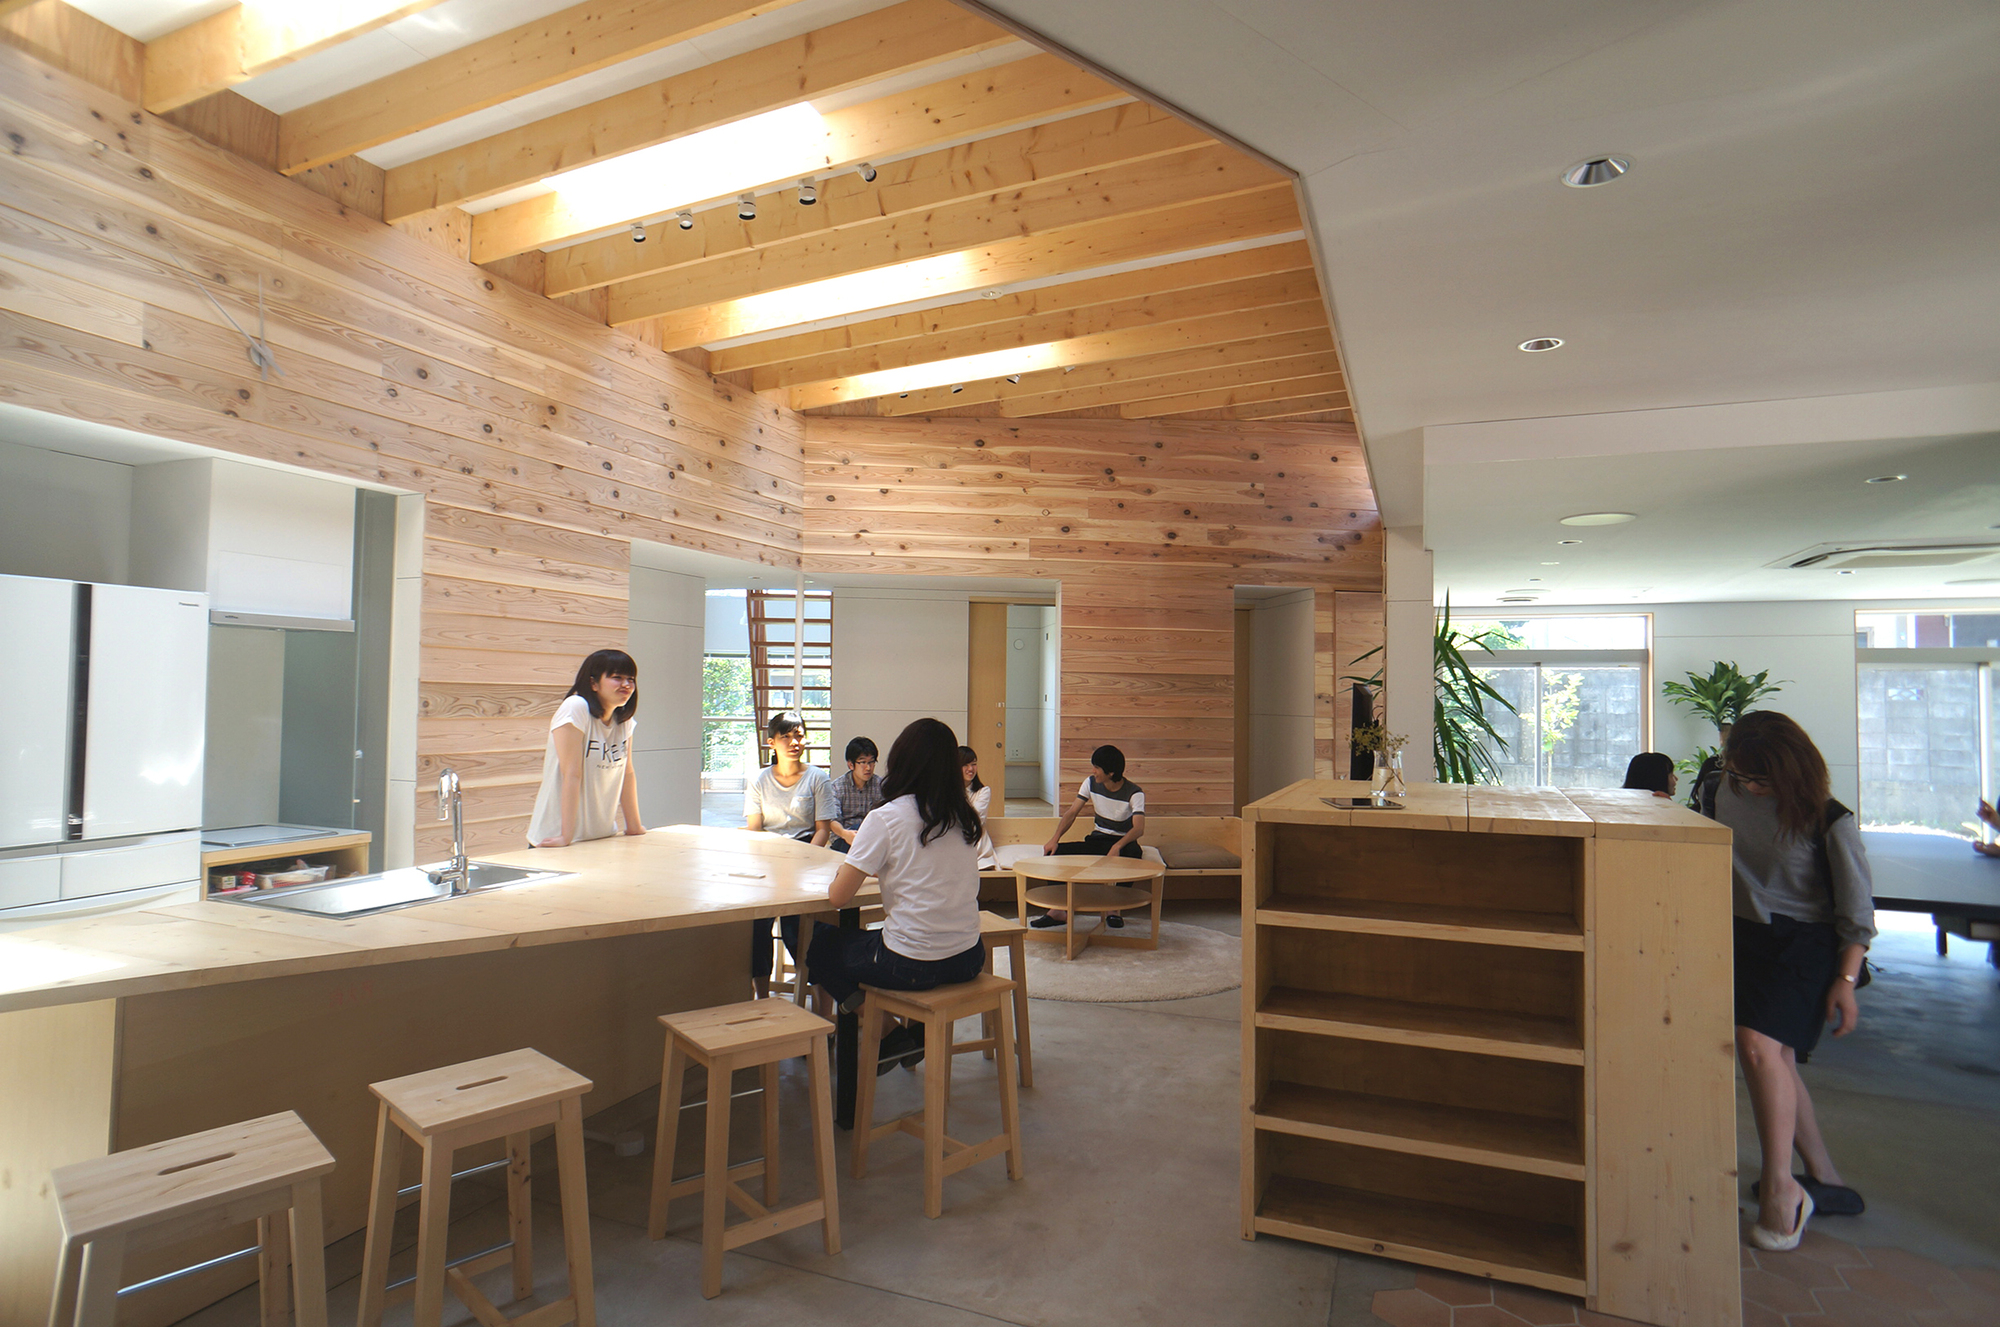 Gallery Of Cocrea Bews Building Environment Workshop 3